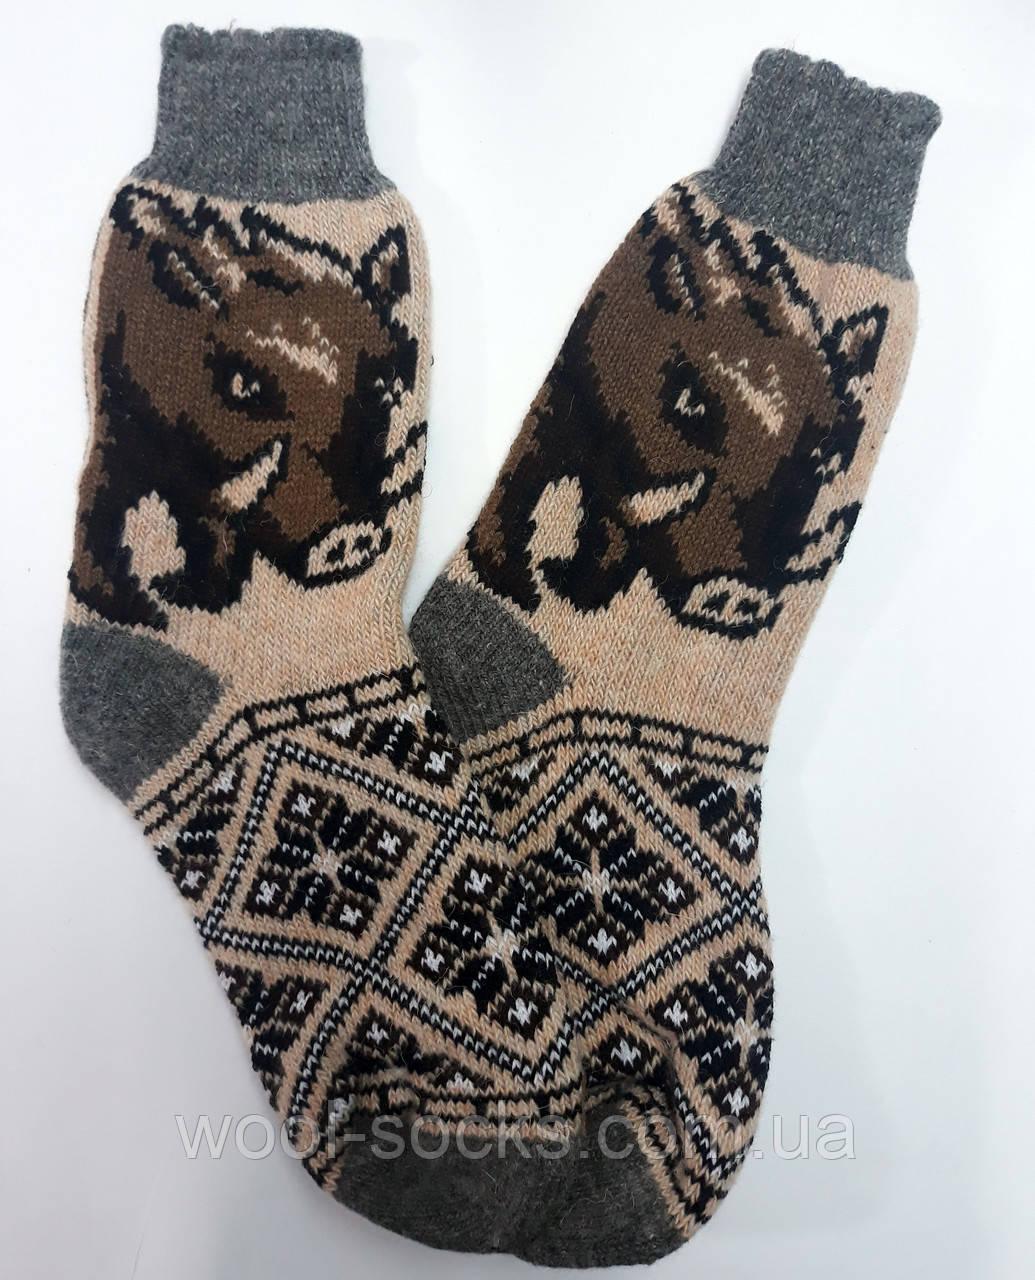 Вязаный носок